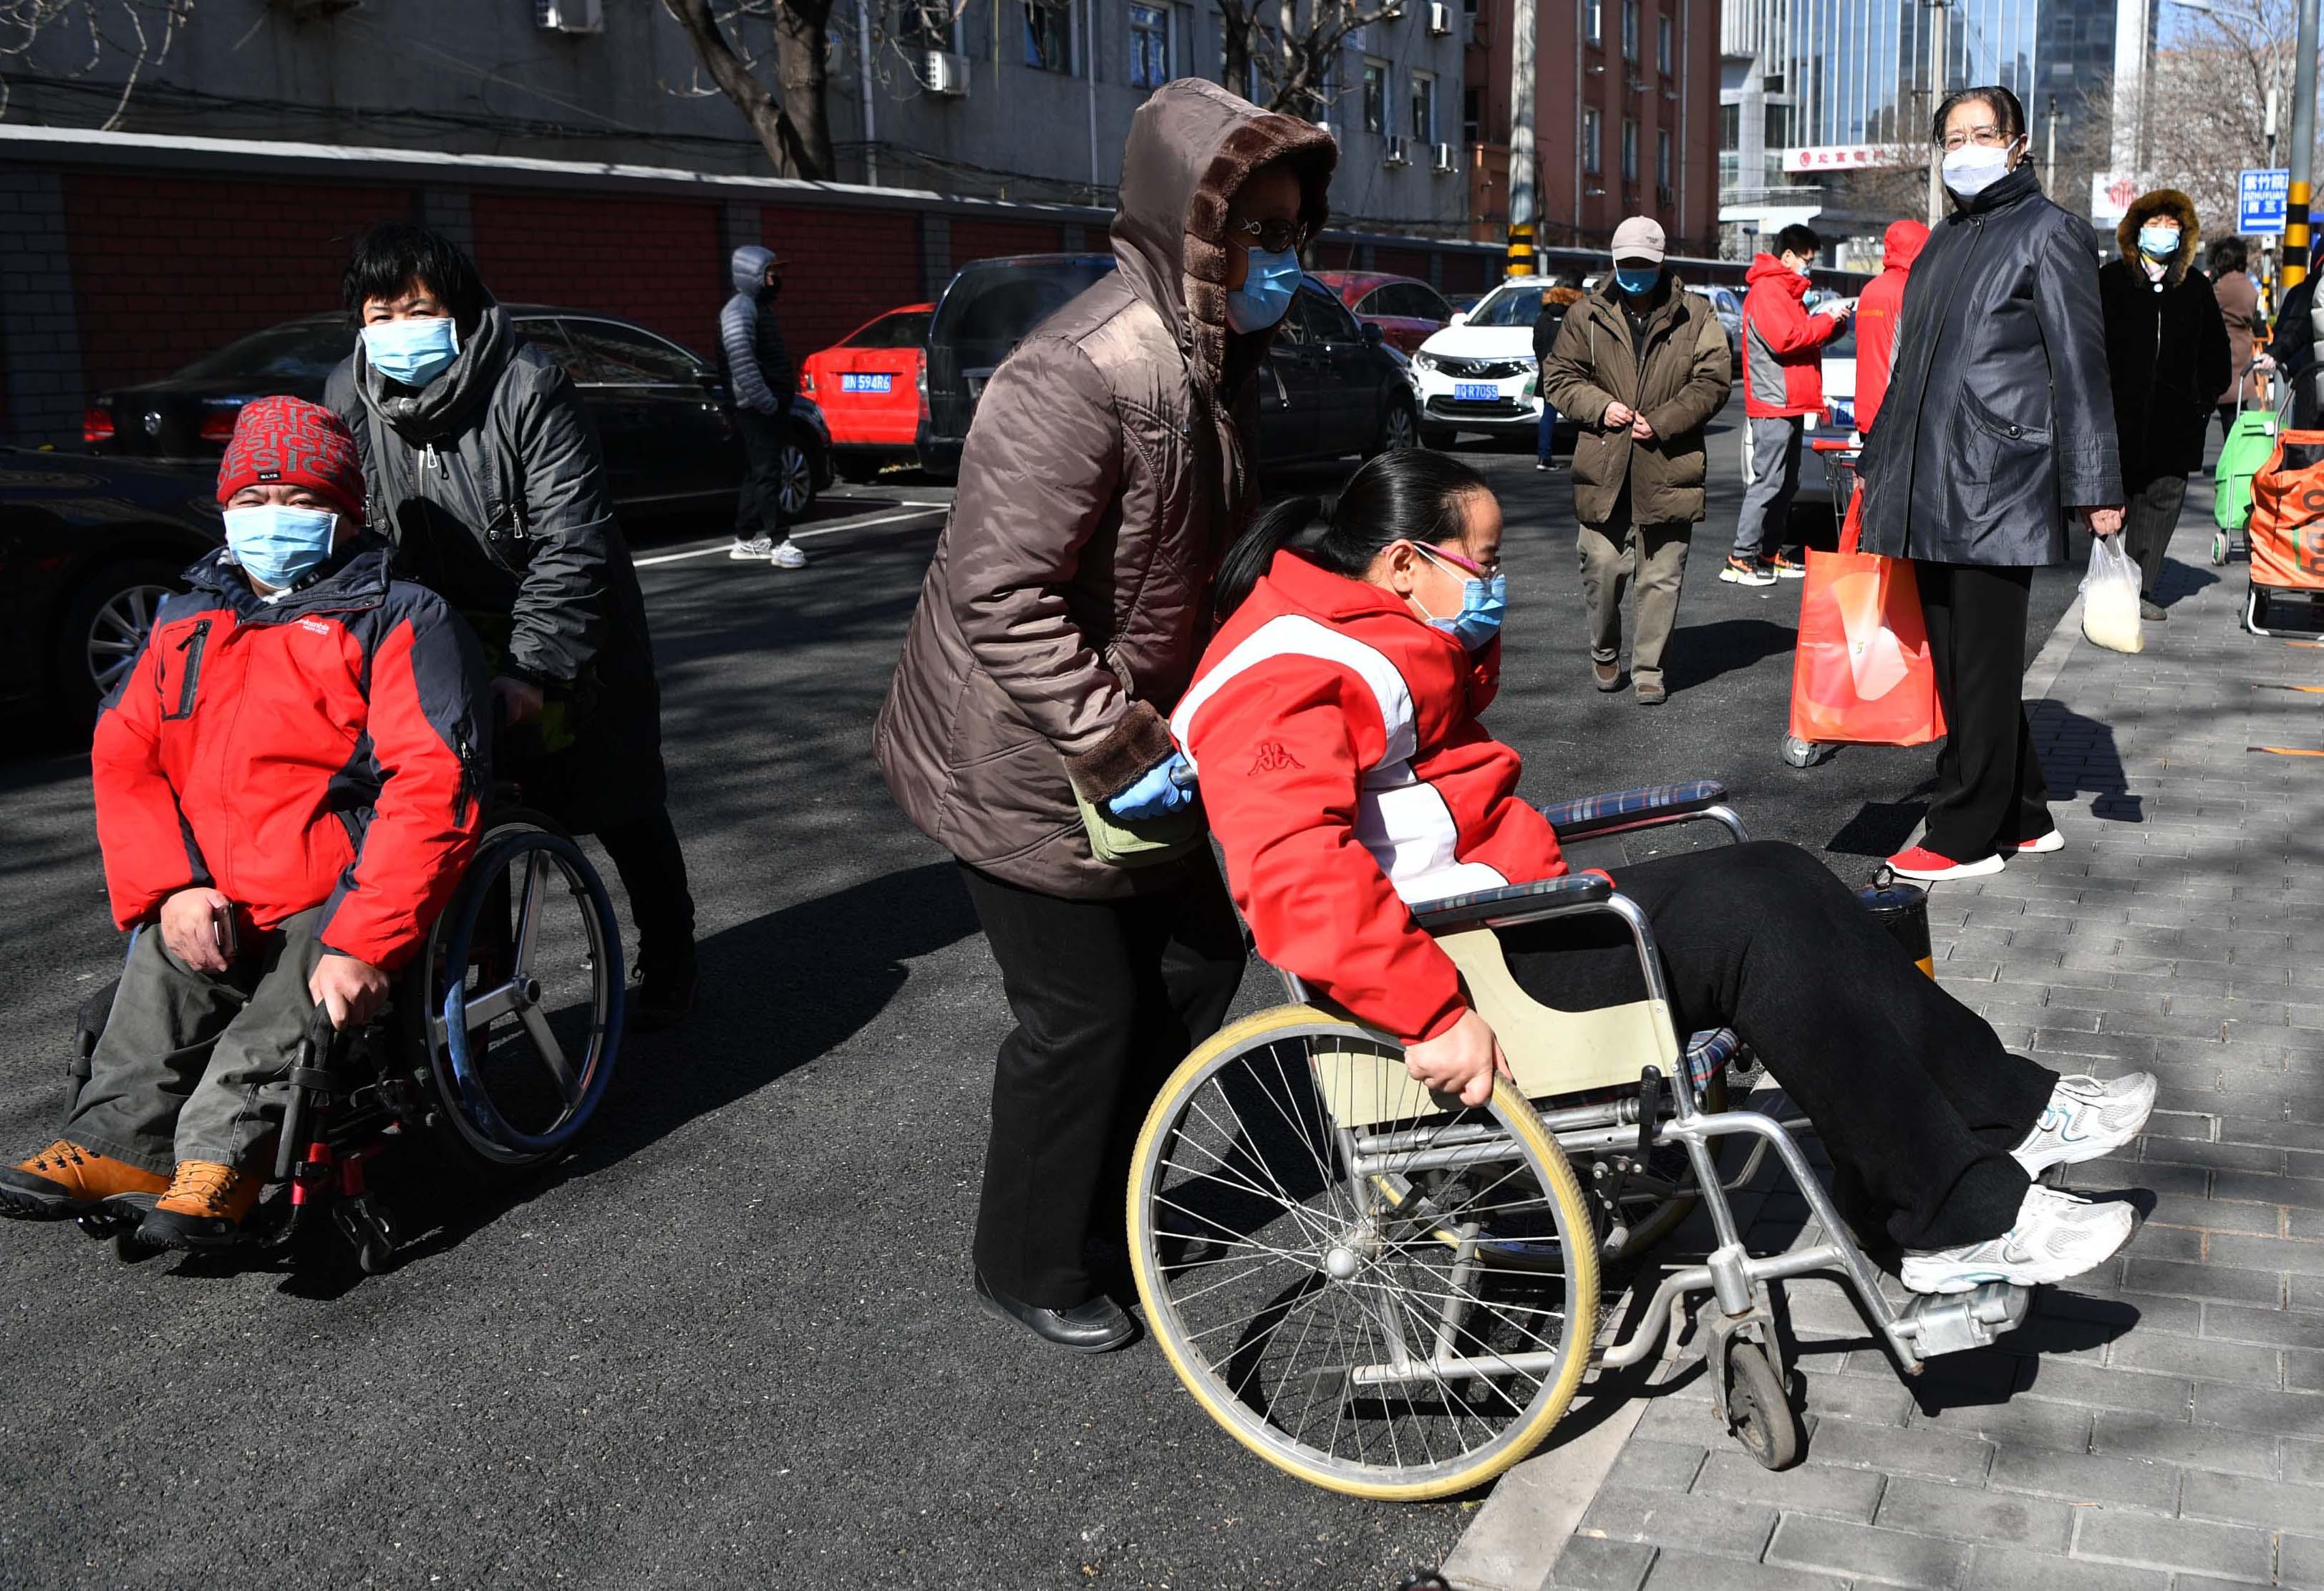 疫情下的残疾人|协助社区居民网购让自己再就业